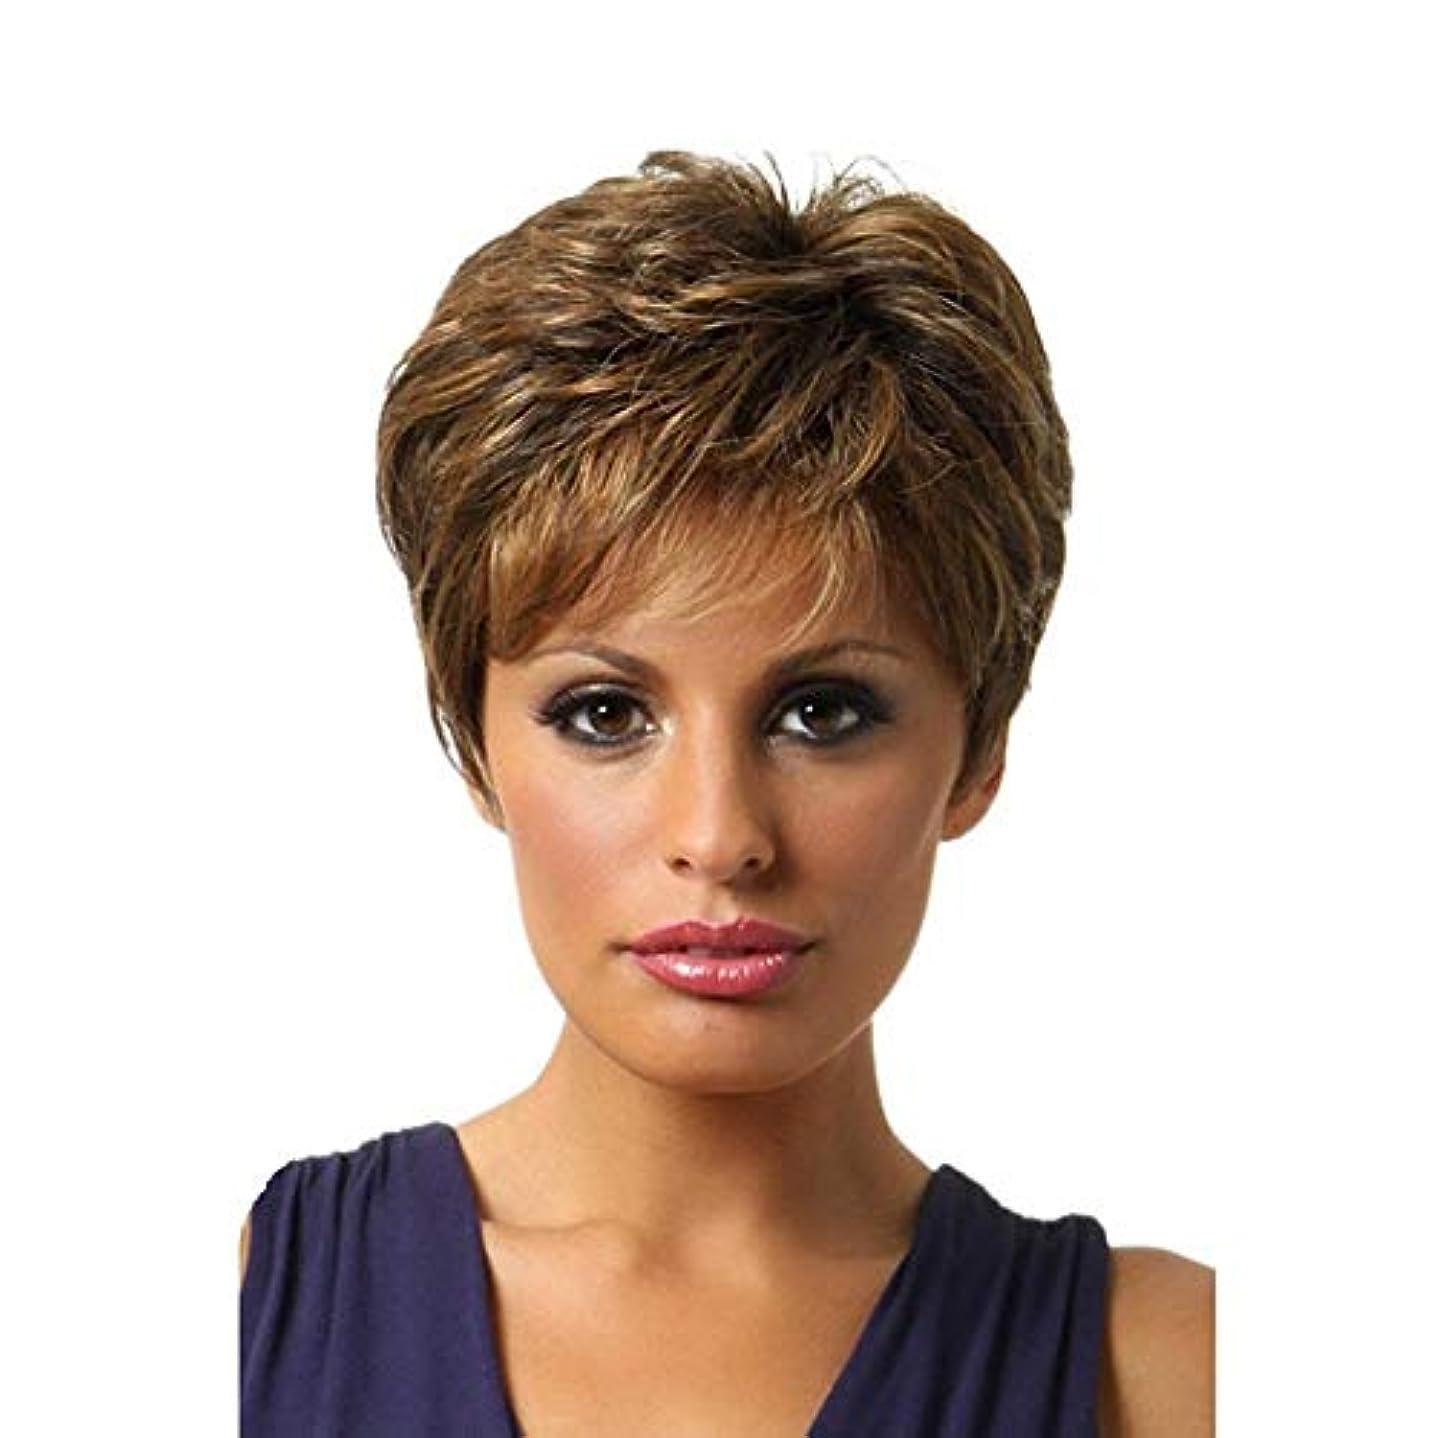 病気だと思う認証阻害するYOUQIU 女性のかつらのためにObique前髪ではブロンドのハイライト髪をショートカーリーヘアウィッグボブ?ブラウン (色 : ブラウン)